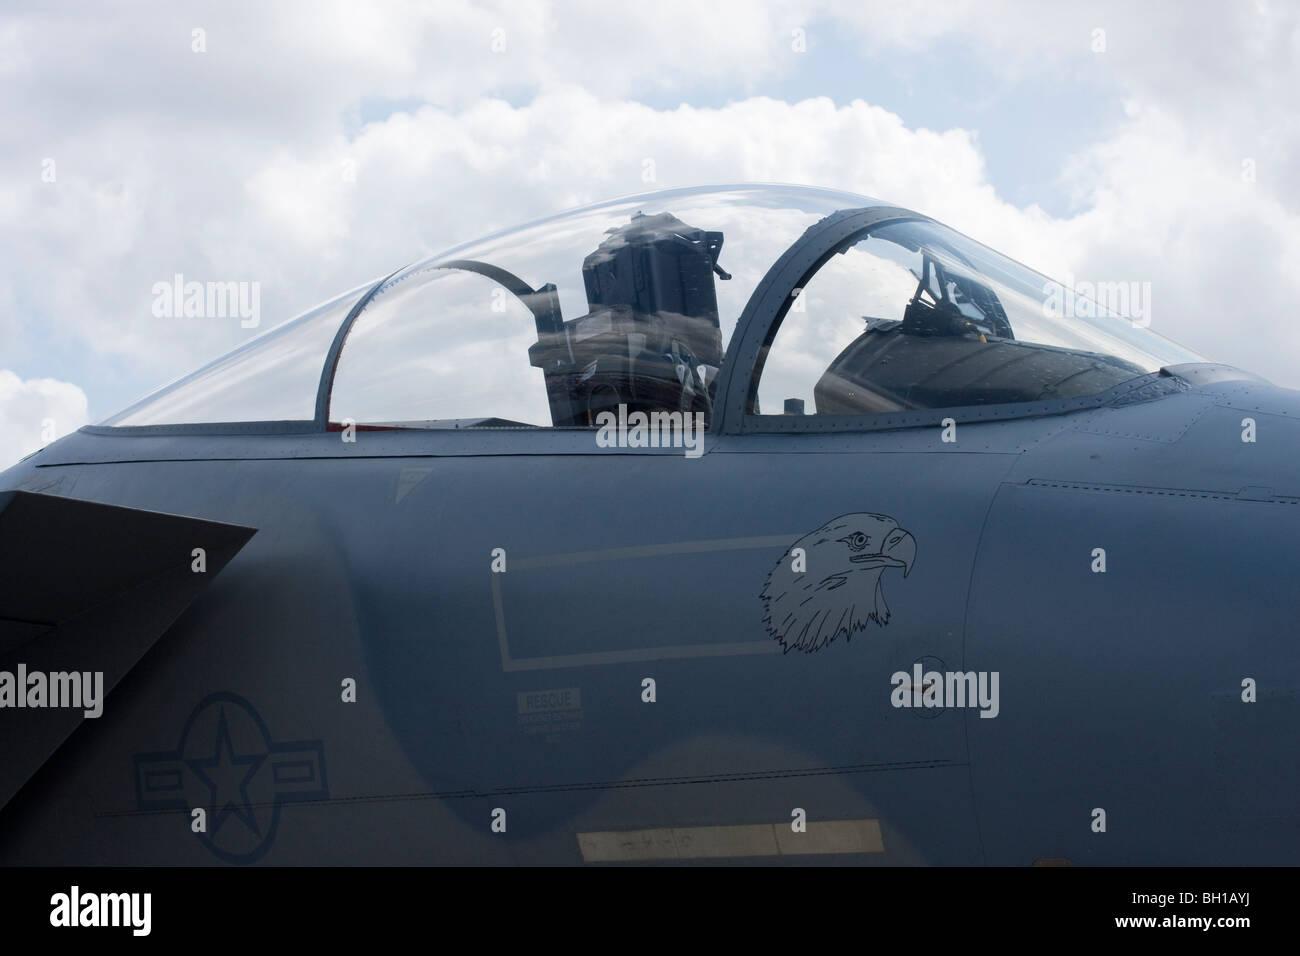 USAF F15 Eagle at Waddington - Stock Image